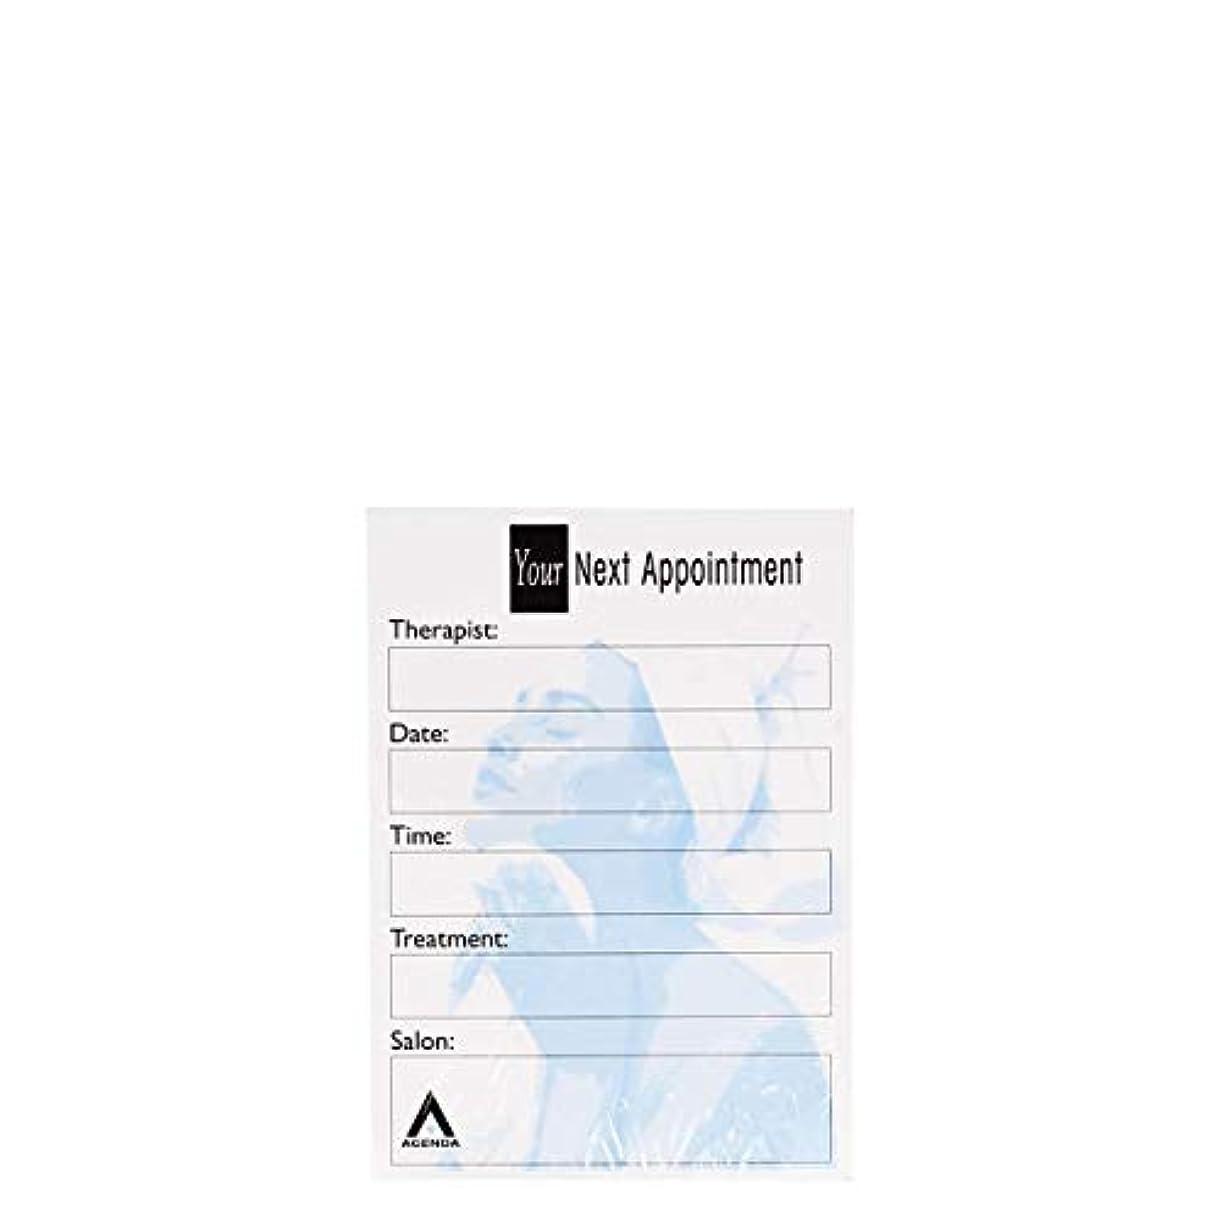 破壊的中央スポーツの試合を担当している人アジェンダ サロンコンセプト ネイルアポイントメントカードAP7B x100[海外直送品] [並行輸入品]